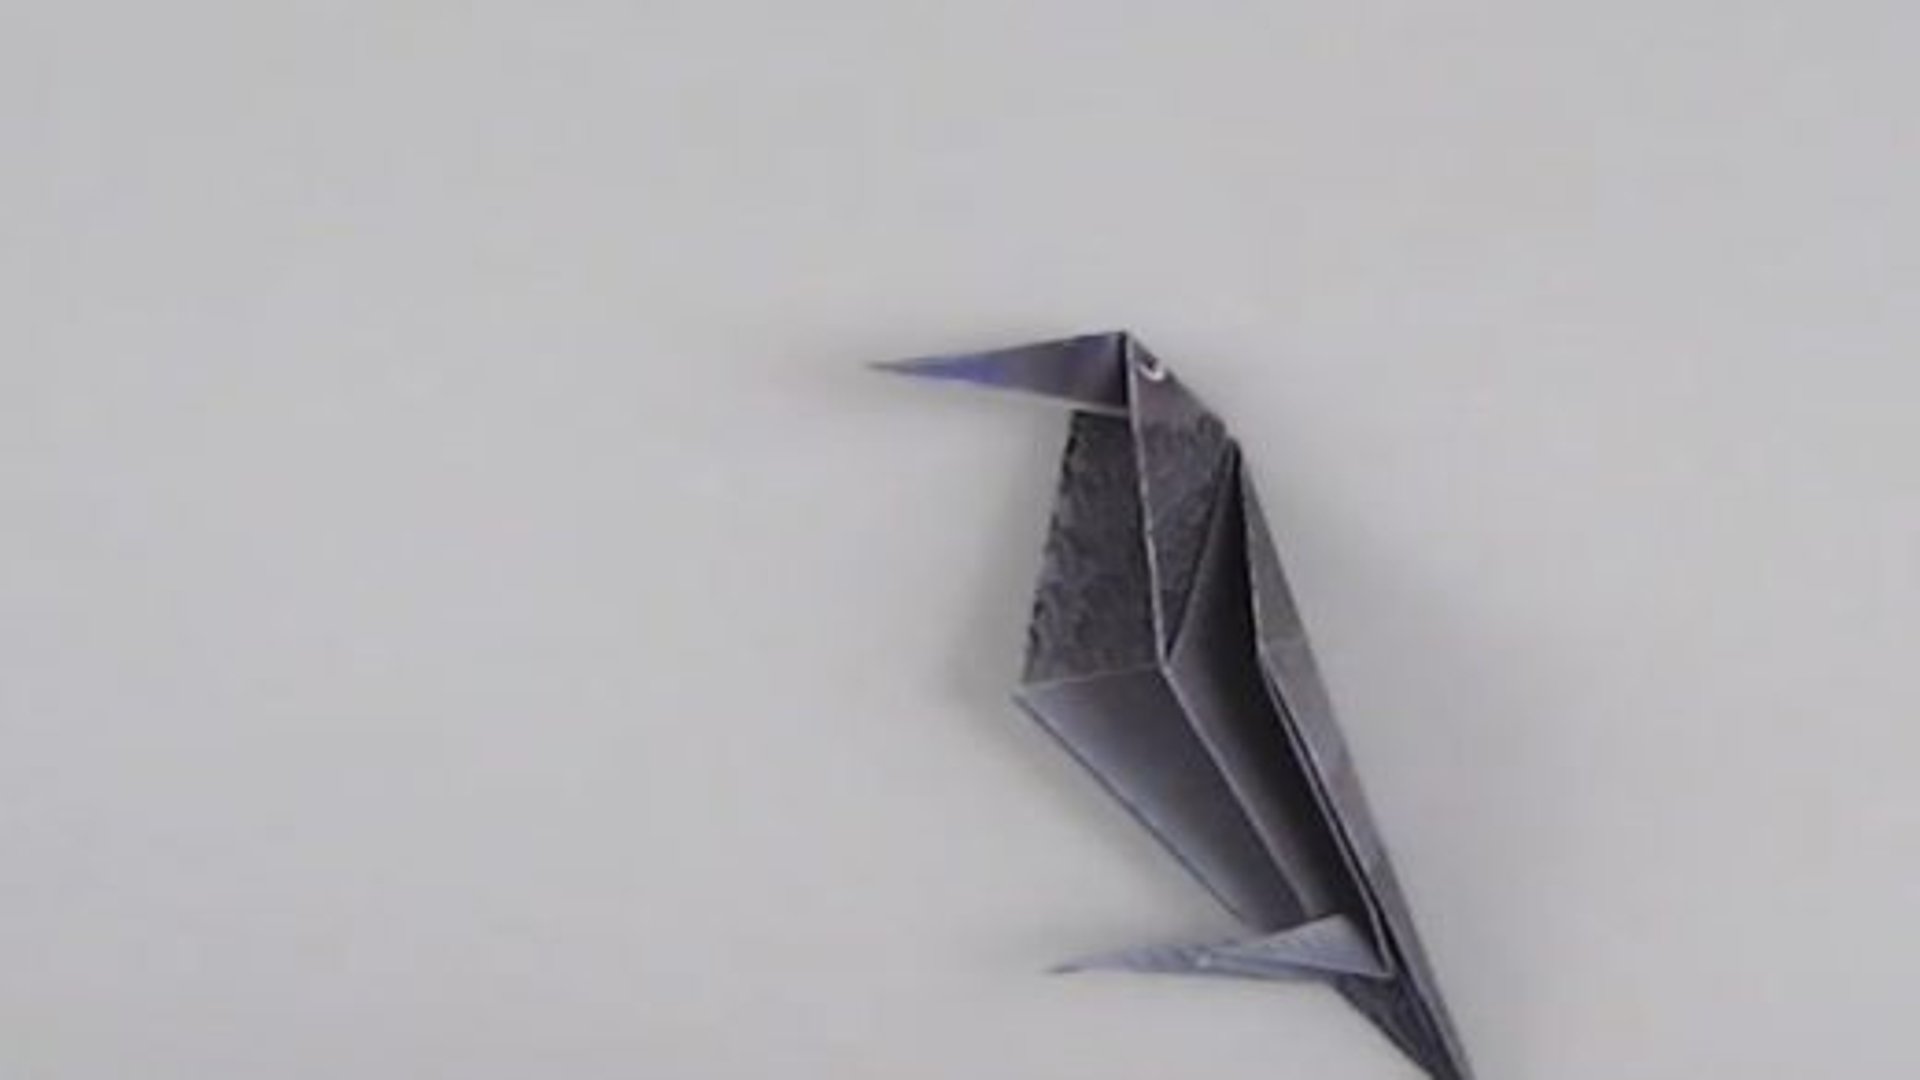 اوریگامی کلاغ | تگ